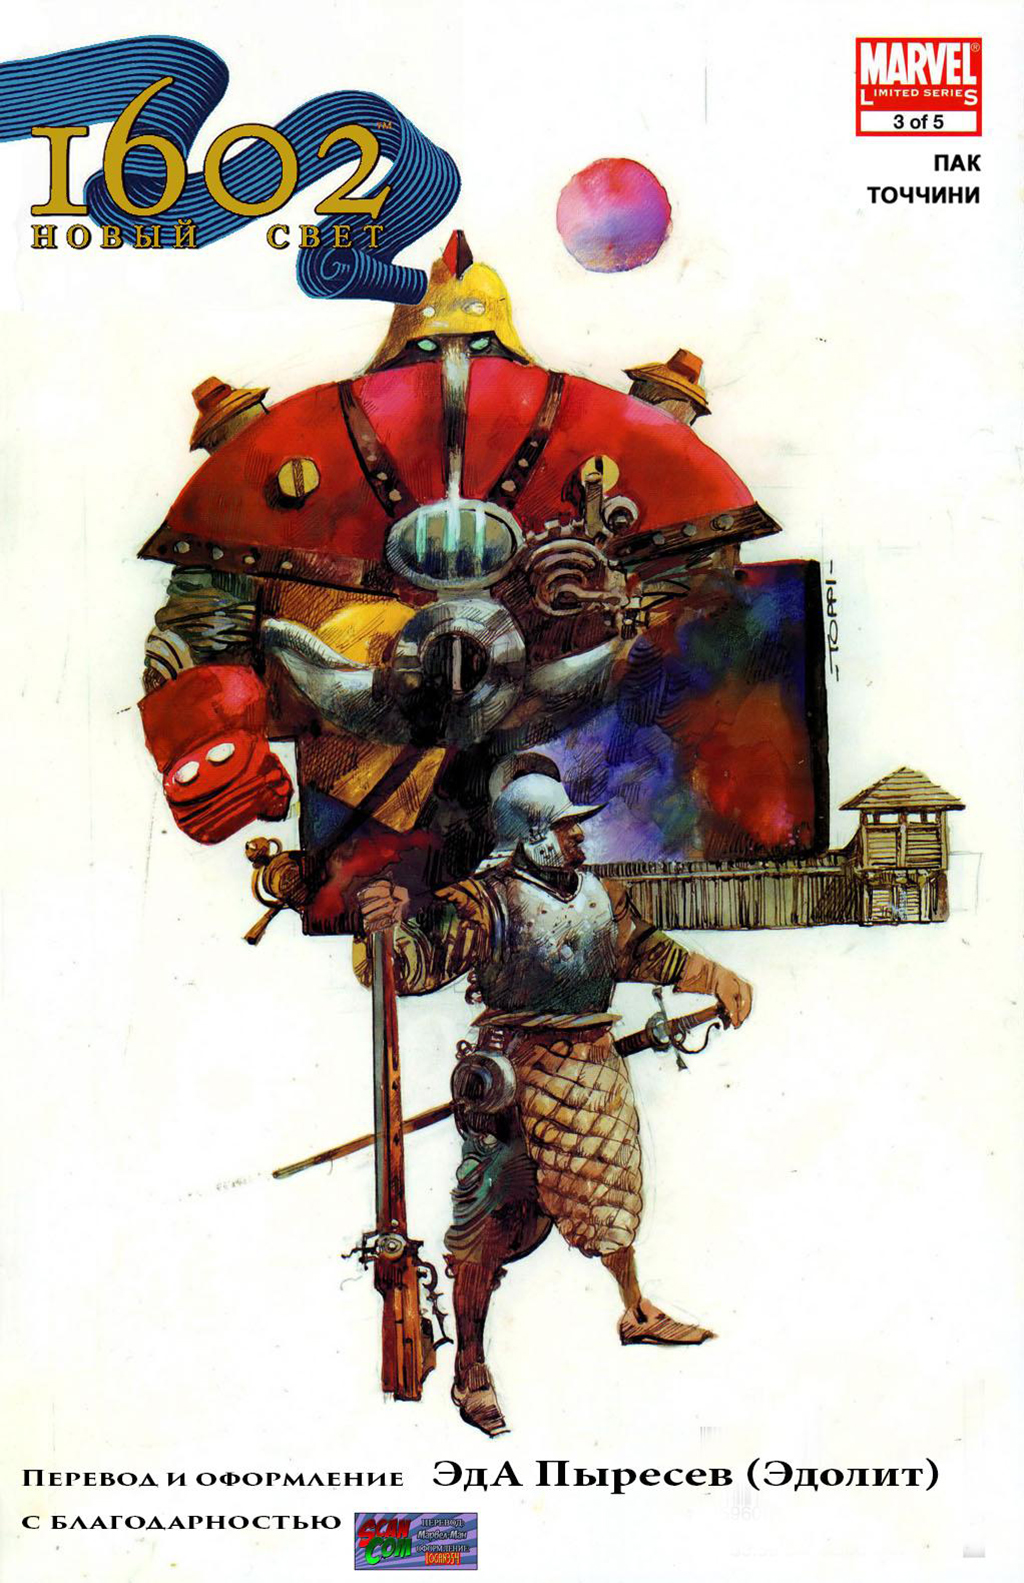 1602 Марвел: Новый Свет